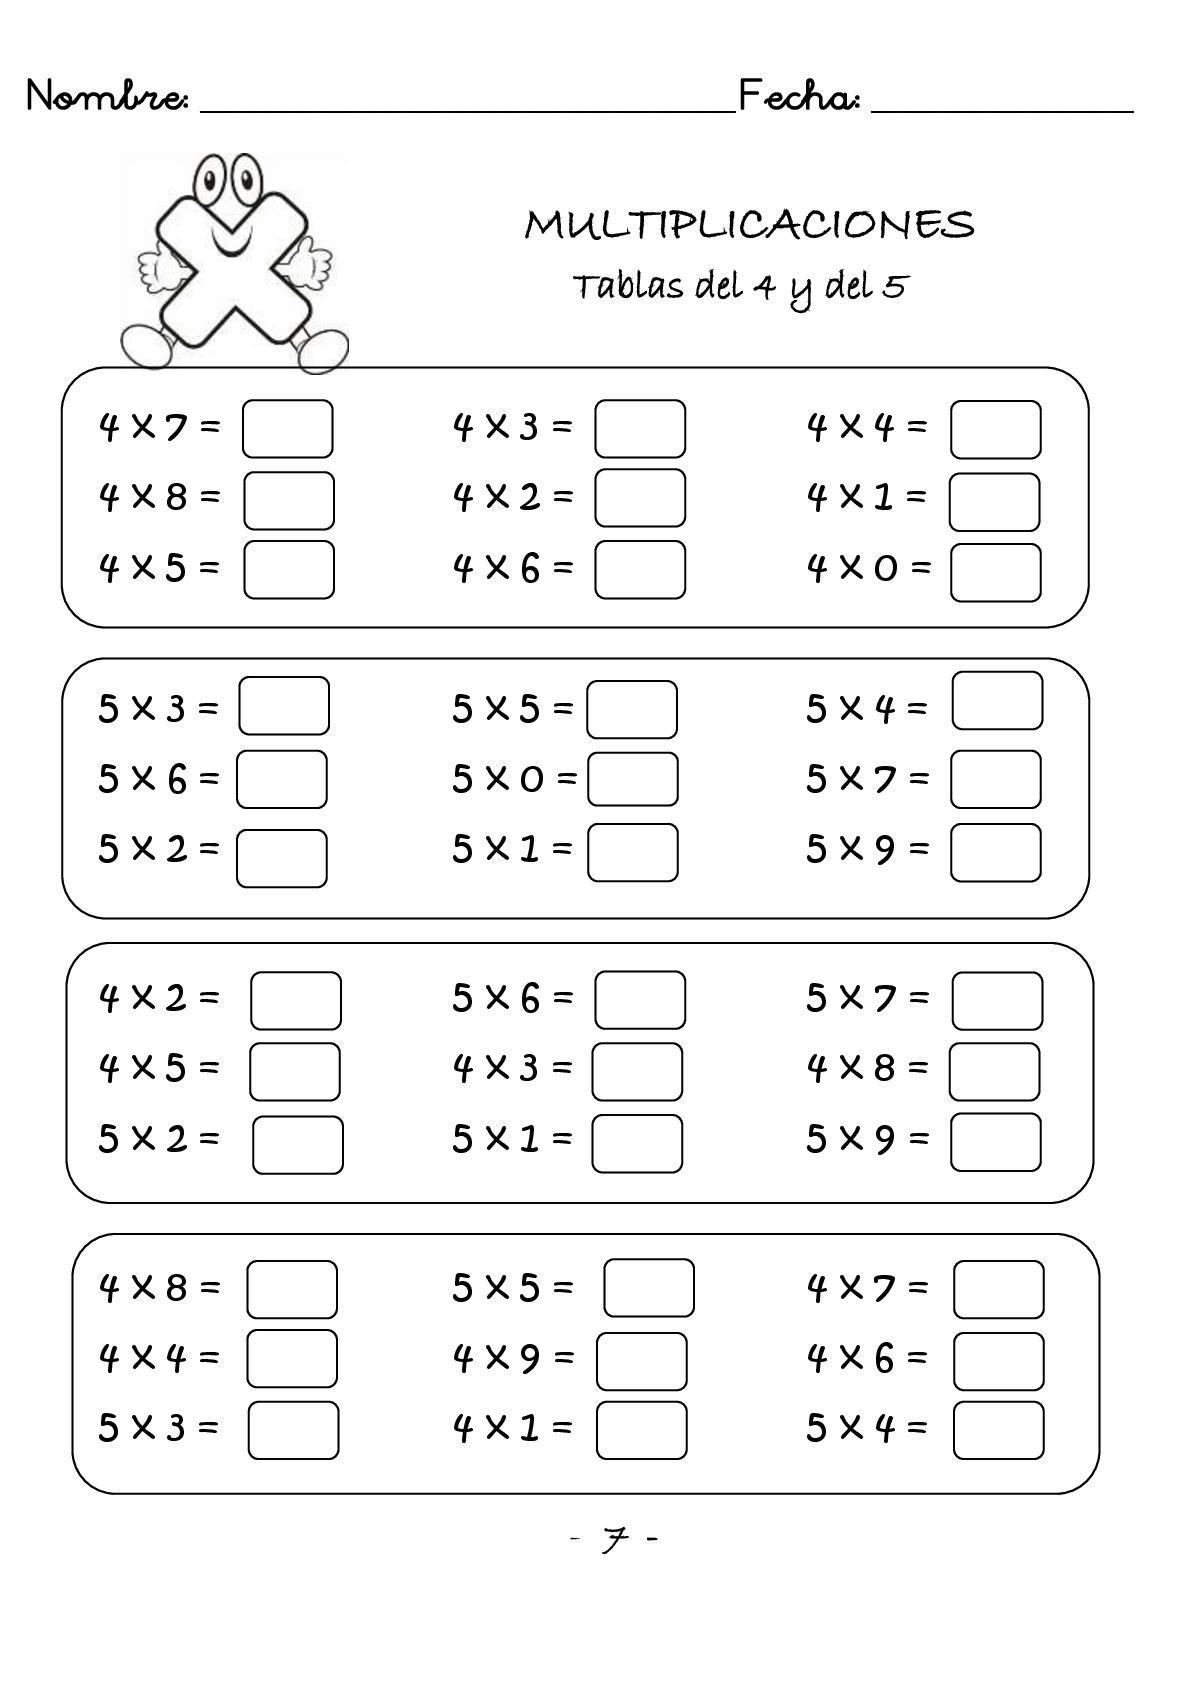 multiplicaciones-rapidas-una-cifra-protegido-008